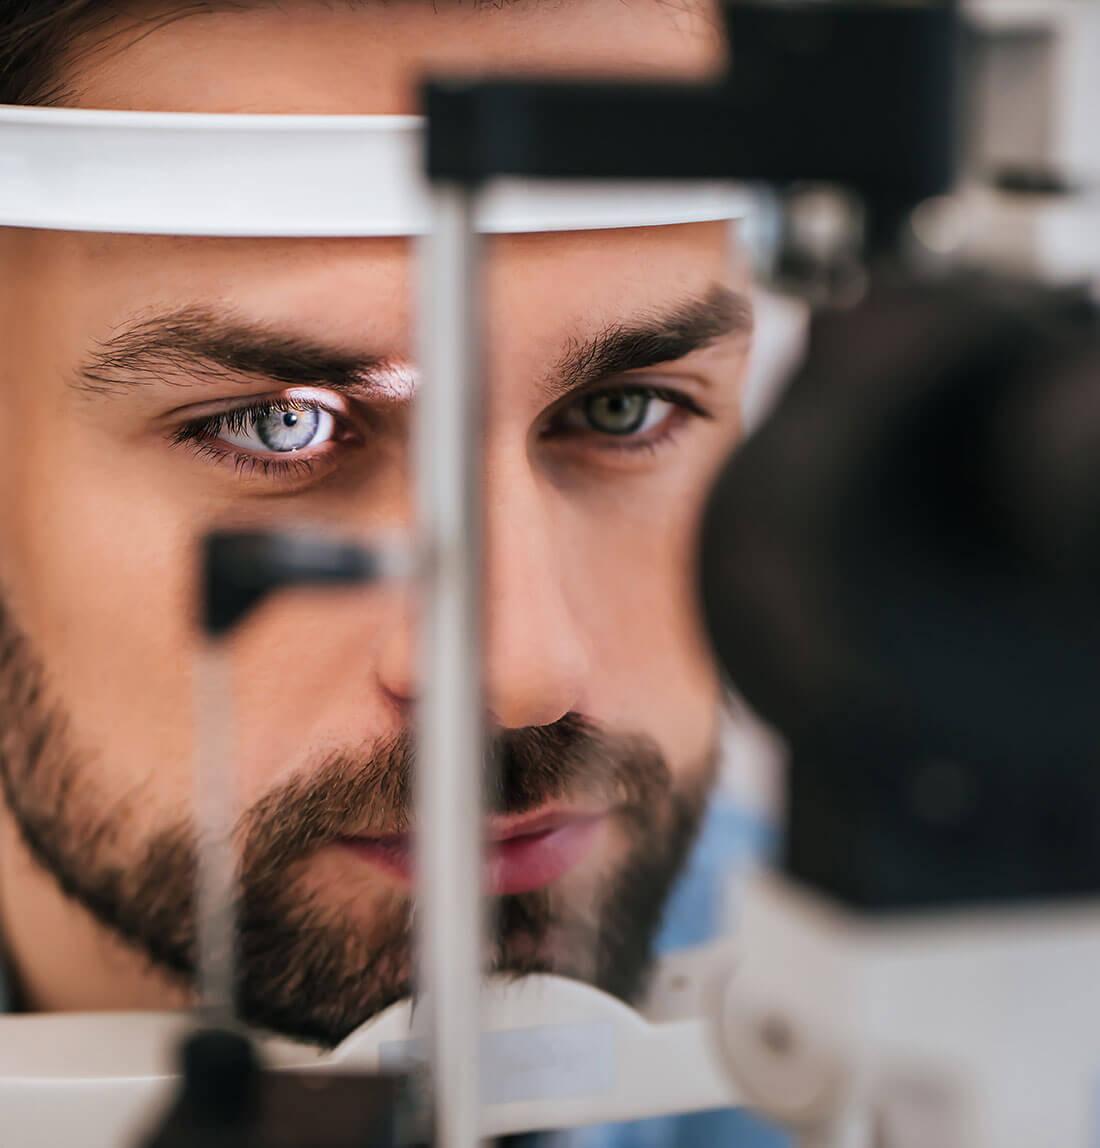 Revisión vista para detectar glaucoma